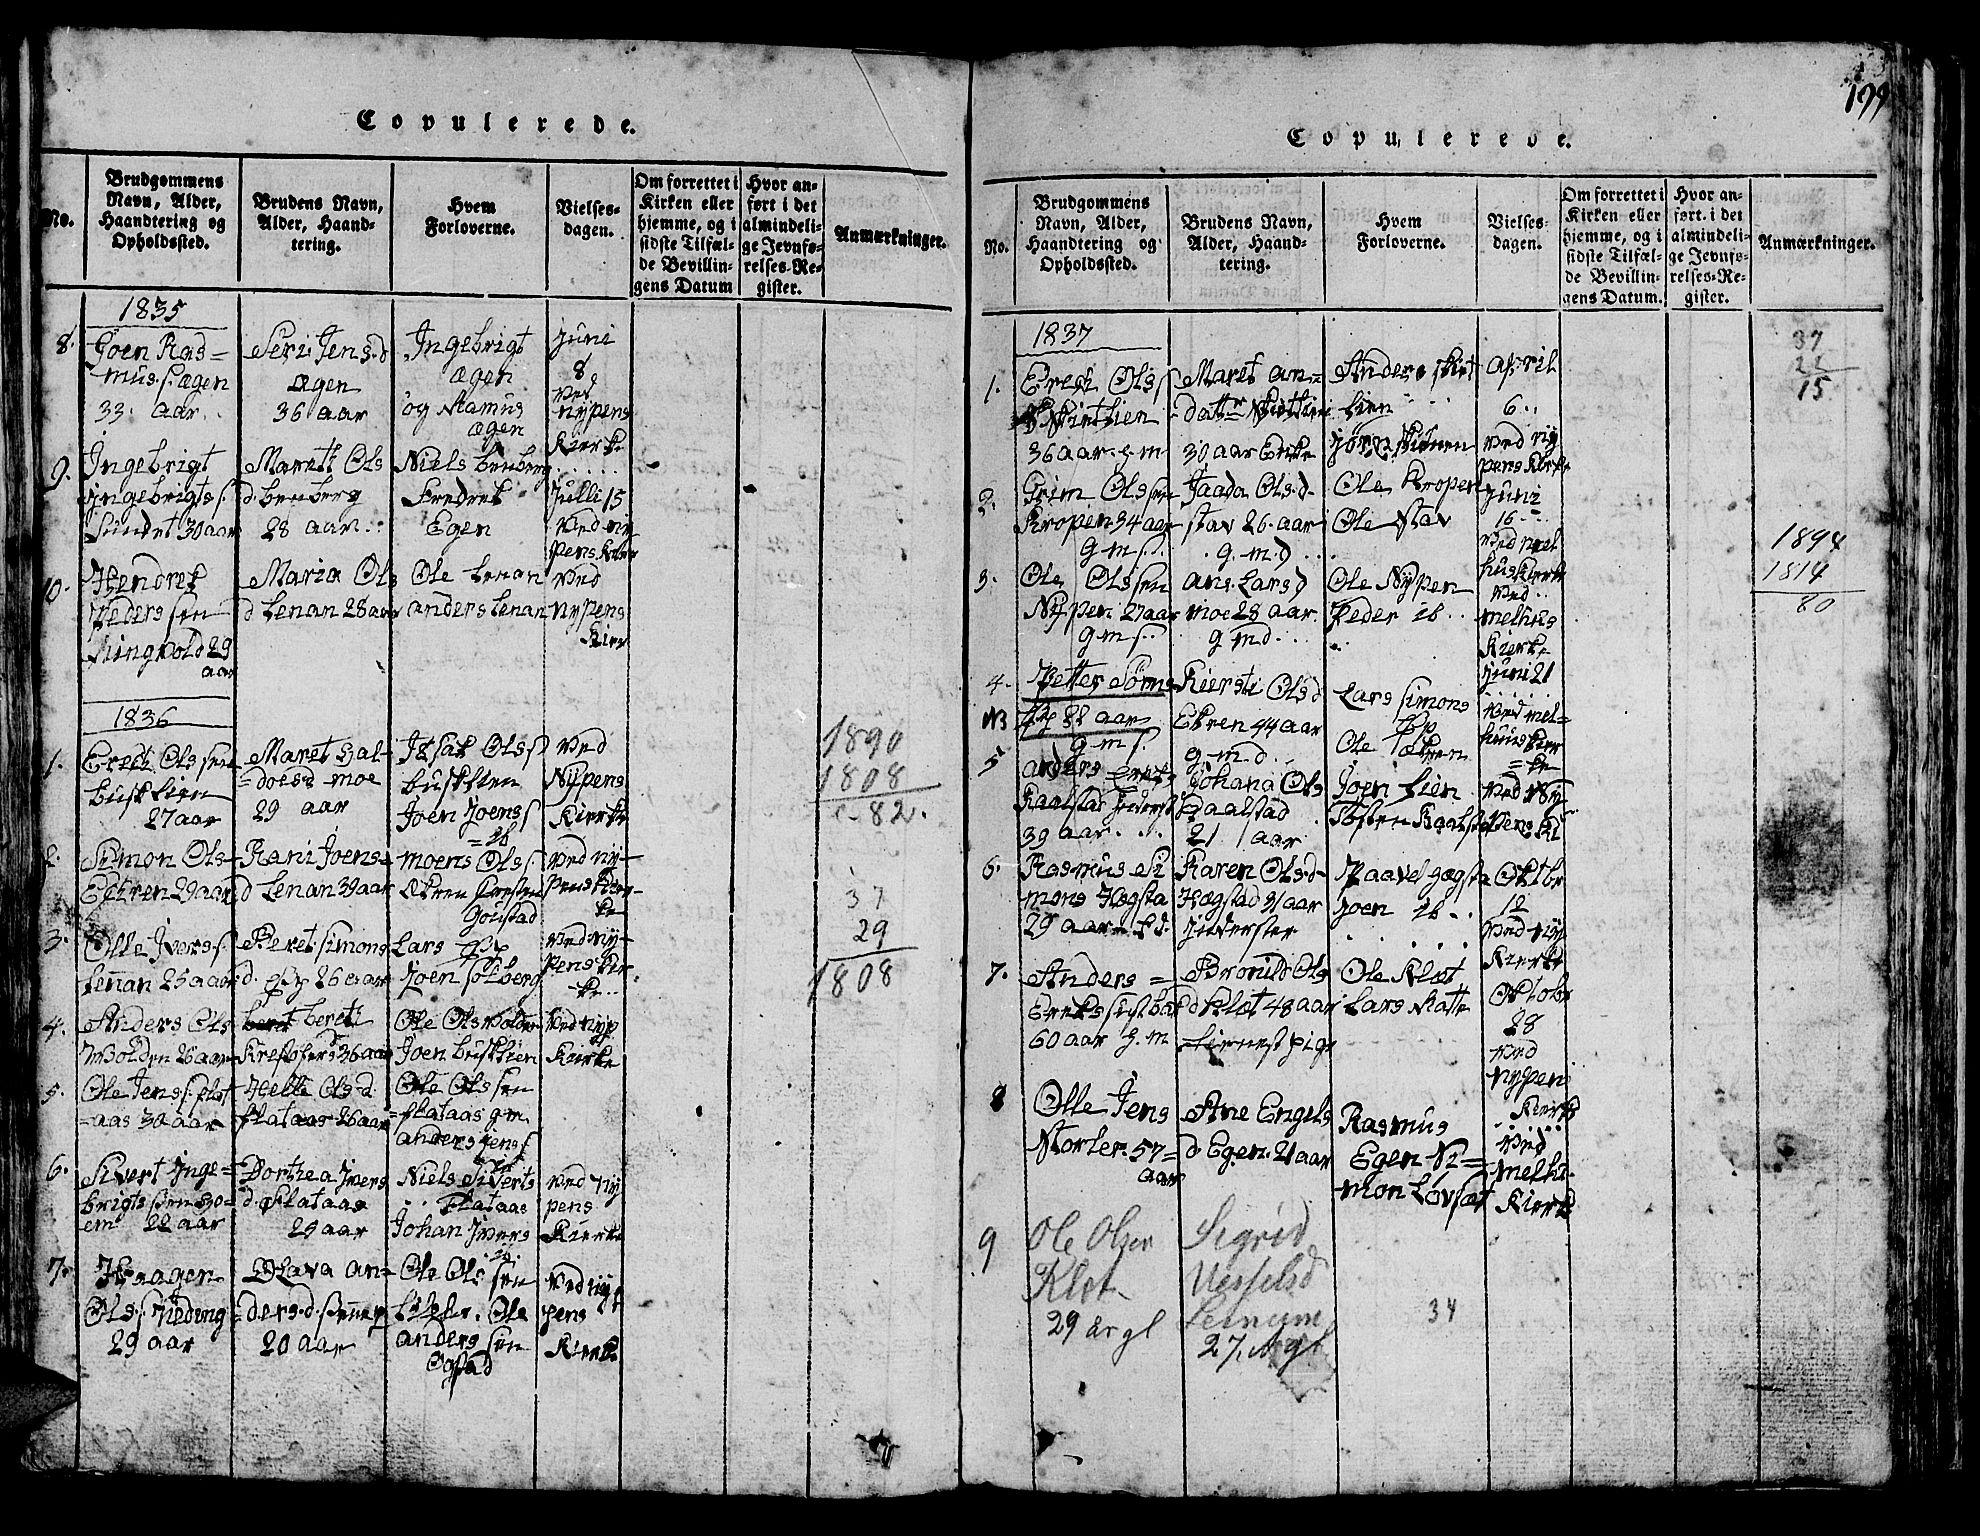 SAT, Ministerialprotokoller, klokkerbøker og fødselsregistre - Sør-Trøndelag, 613/L0393: Klokkerbok nr. 613C01, 1816-1886, s. 199